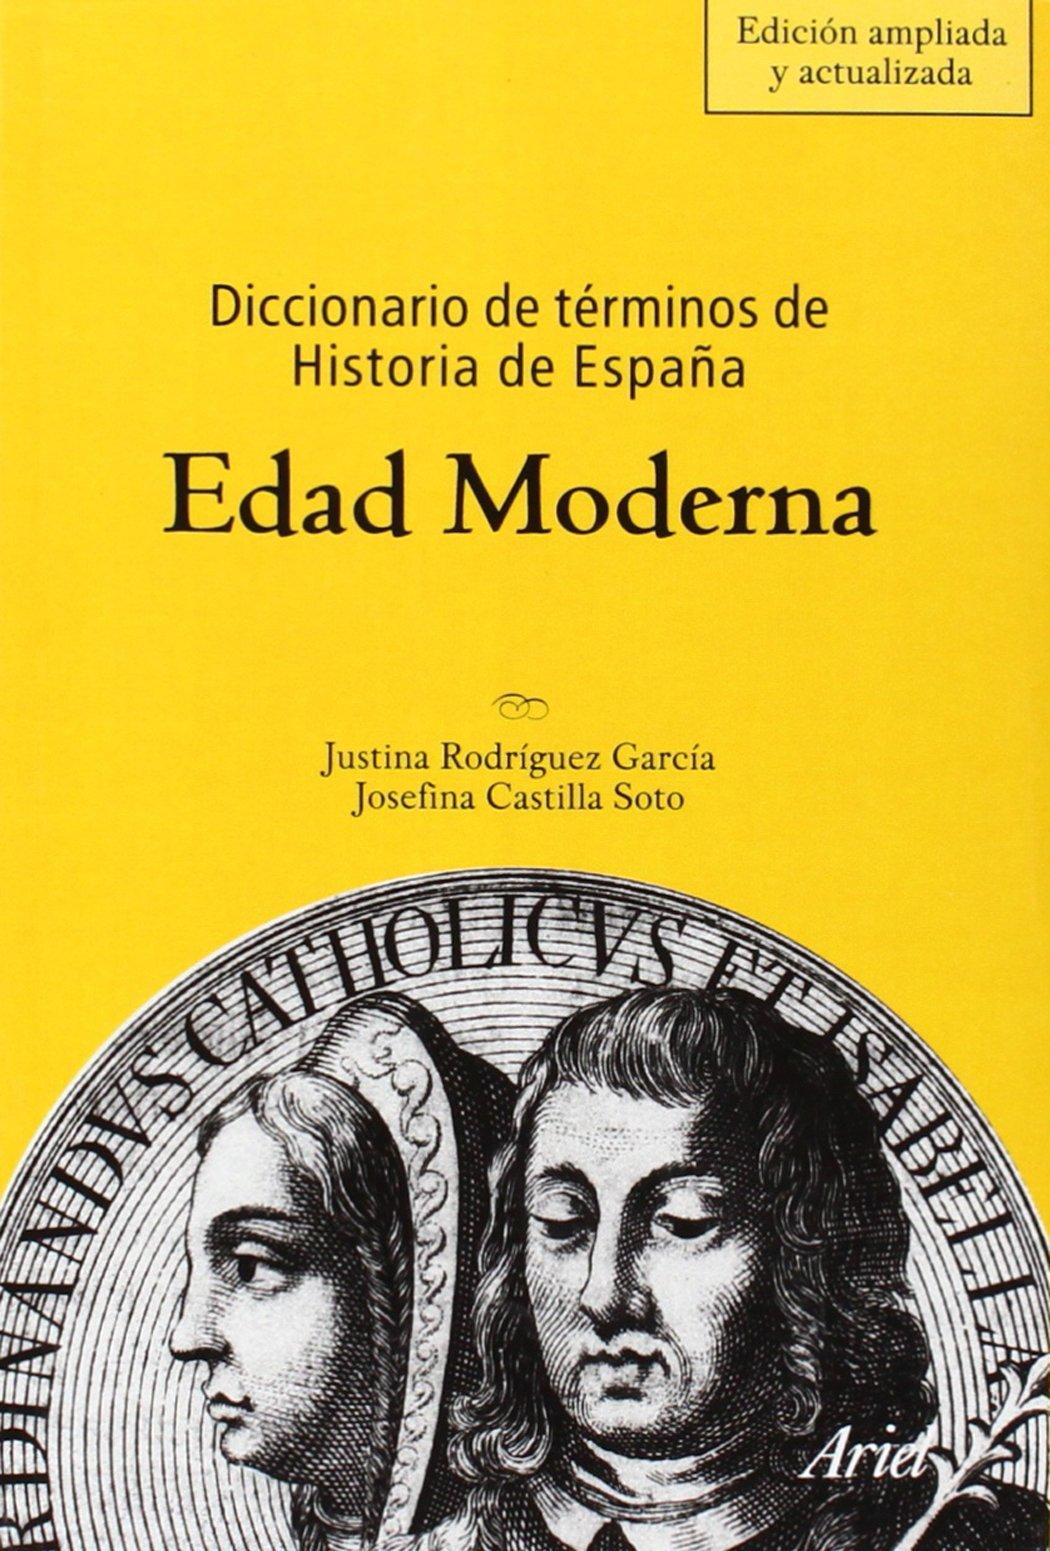 Diccionario de términos de Historia de España. Edad Moderna Ariel Historia: Amazon.es: Castilla Soto, Josefina, Rodríguez García, Justina: Libros